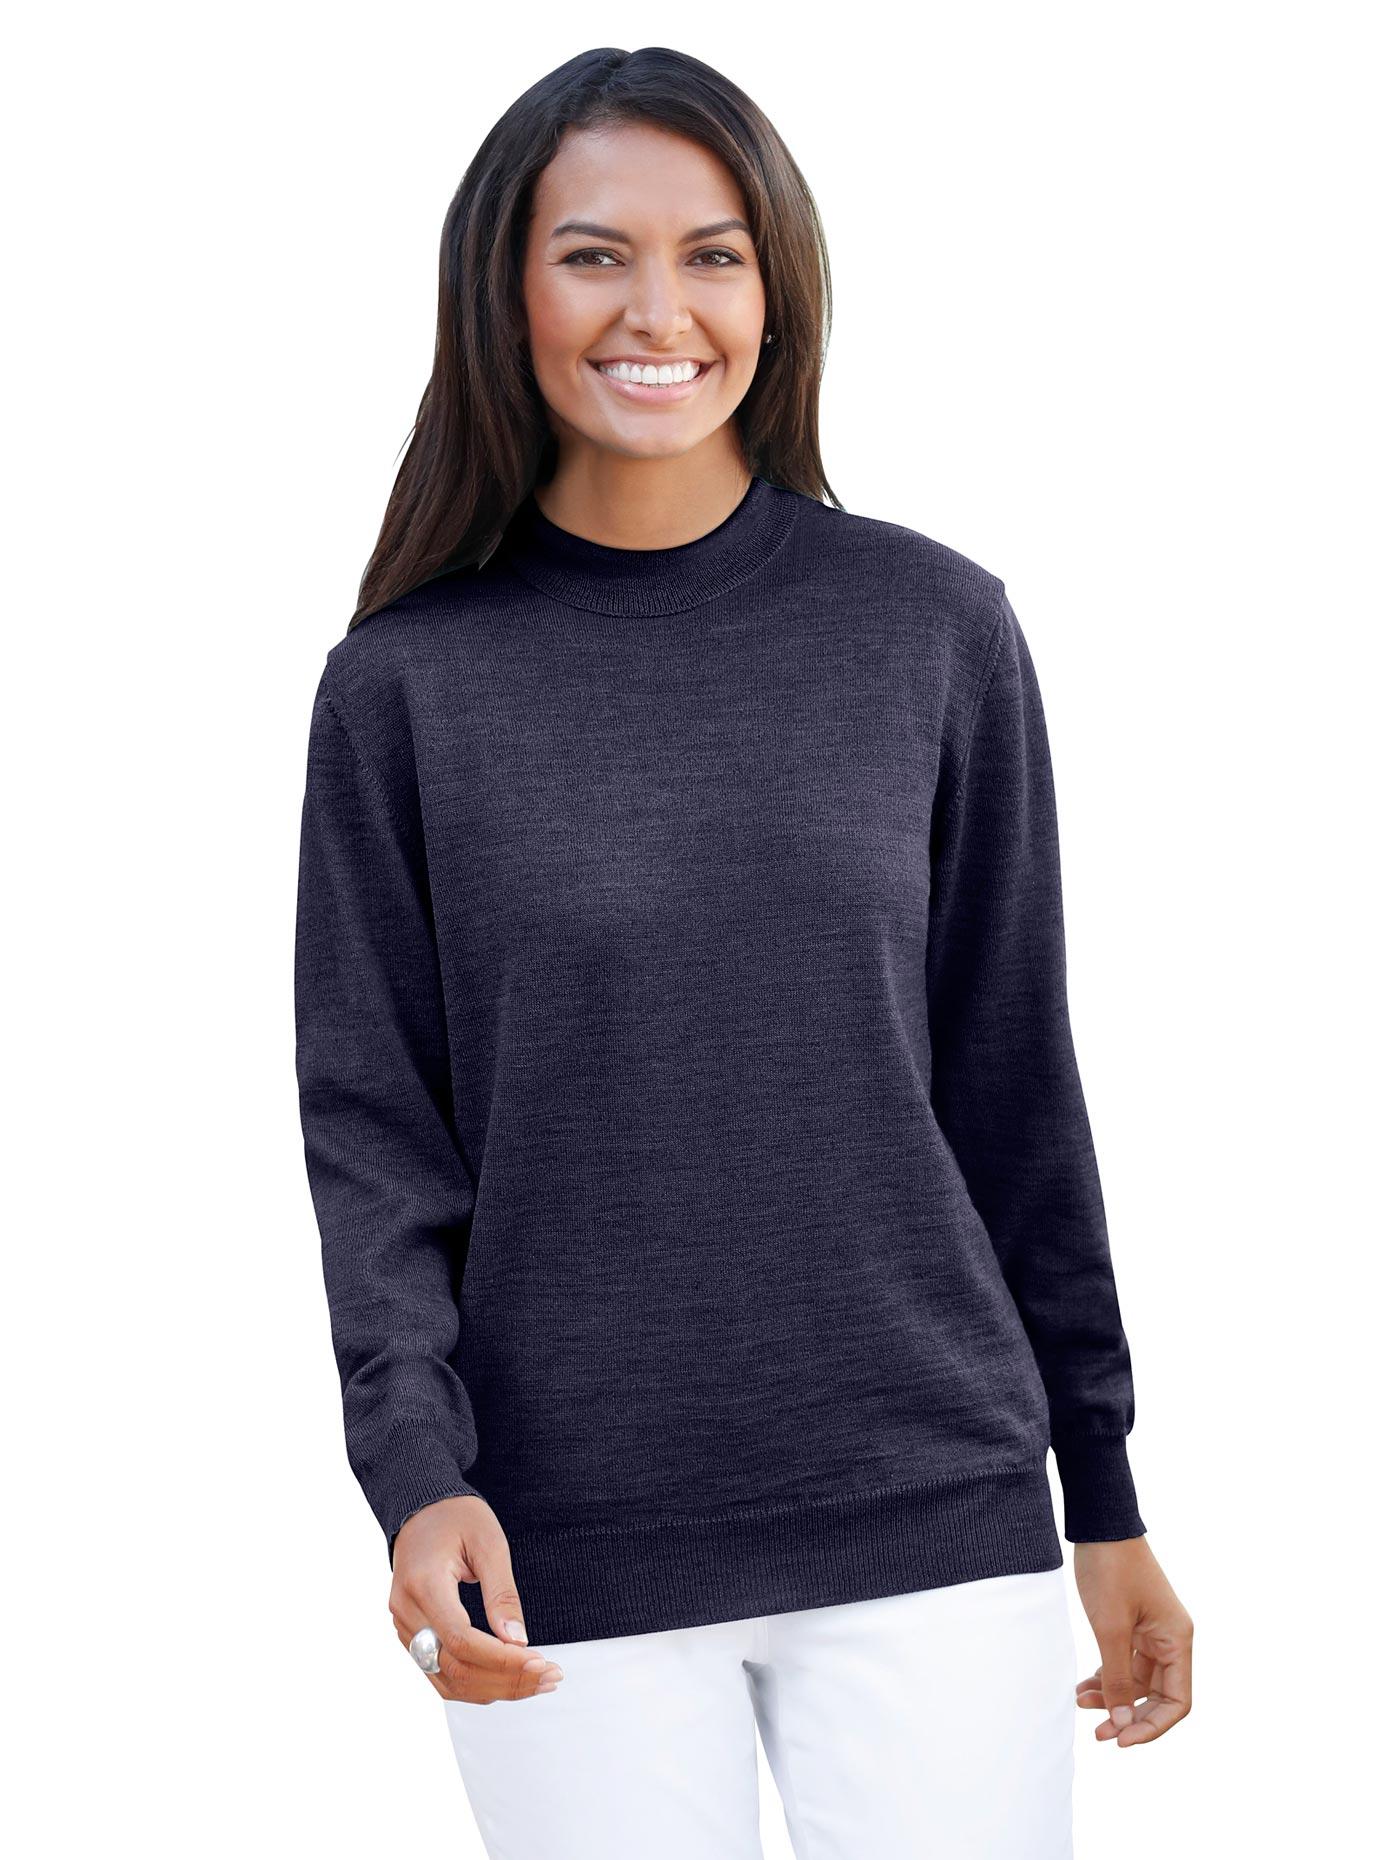 Casual Looks Stehkragen-Pullover aus hochwertiger Merino-Wolle | Bekleidung > Pullover > Stehkragenpullover | Blau | Casual Looks